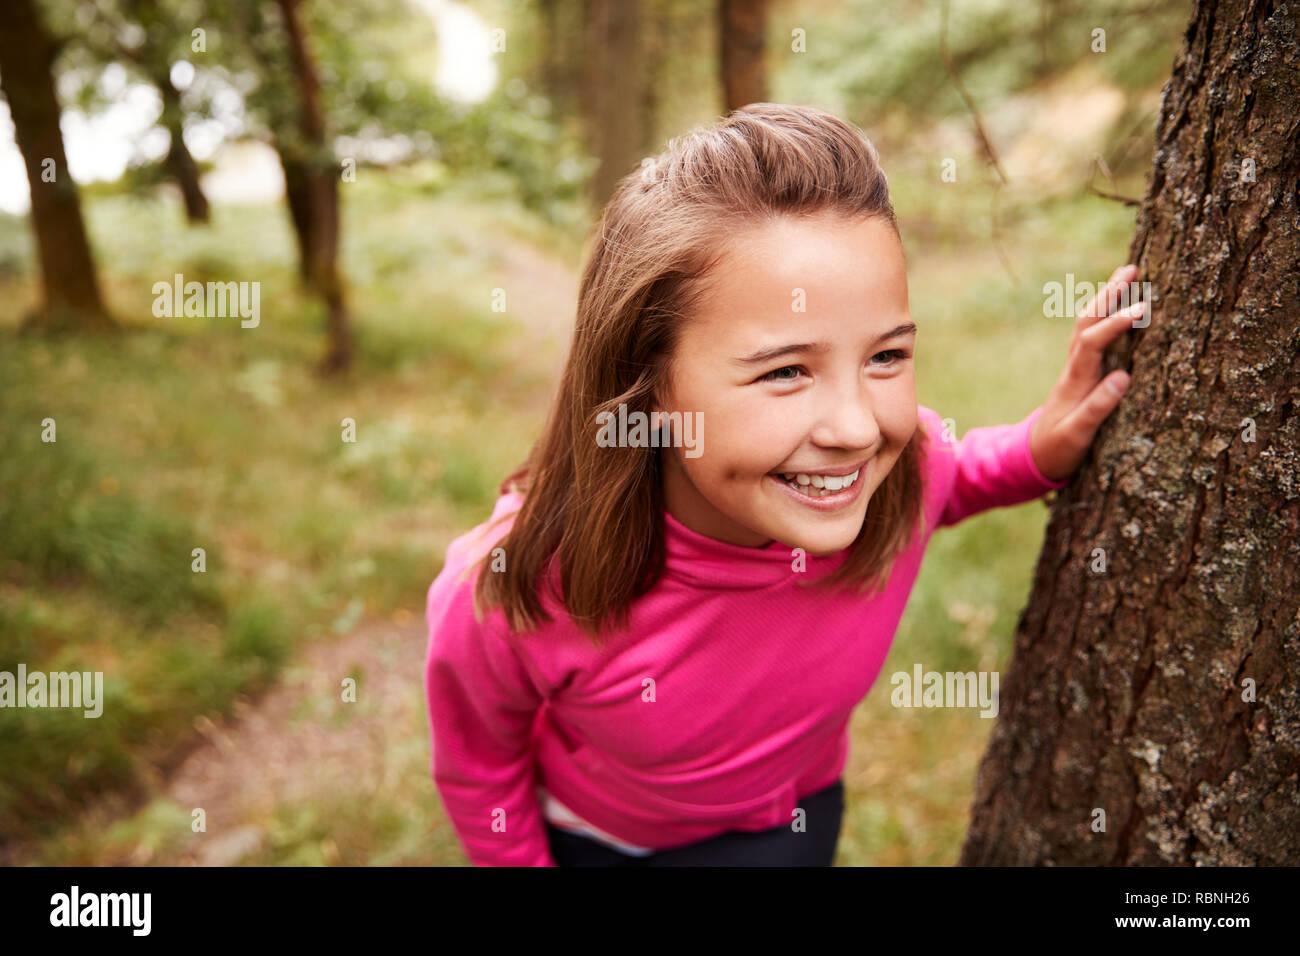 Vor - jugendlich Mädchen eine Pause lehnte sich auf Baum während einer Wanderung im Wald, Erhöhte Ansicht, in der Nähe Stockbild